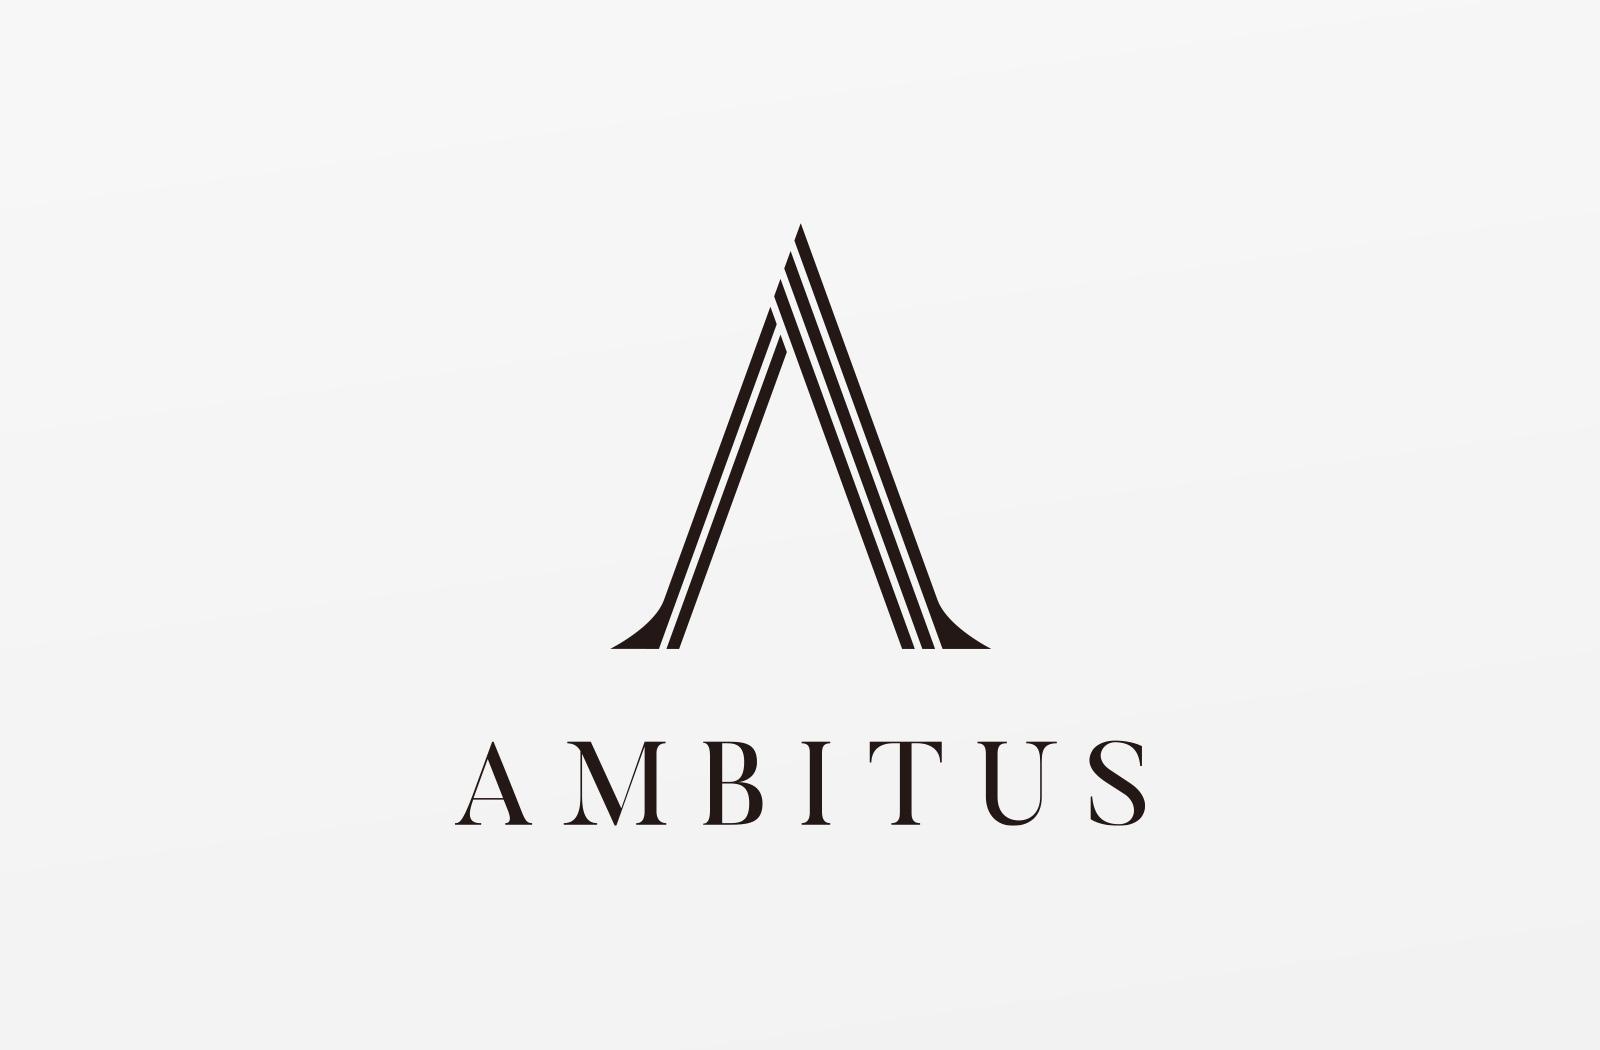 AMBITUS ロゴ